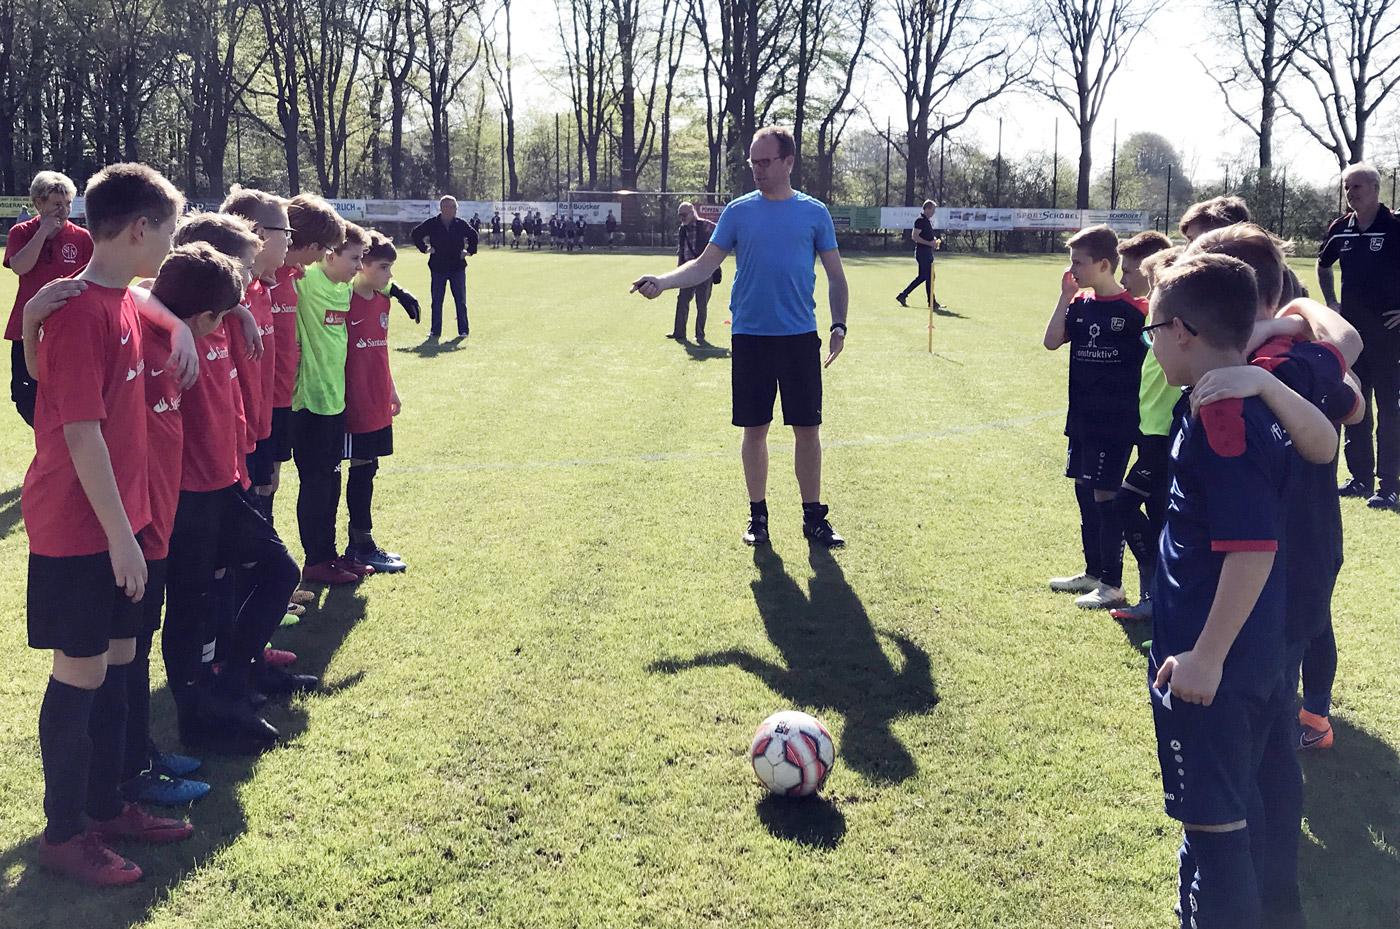 Bei bestem Fußballwetter freuten sich die beiden gegenseitig bestens bekannten Teams aus Tungeln und Stenum auf das richtungsweisende Topspiel schon in dieser Frühphase der Saison.